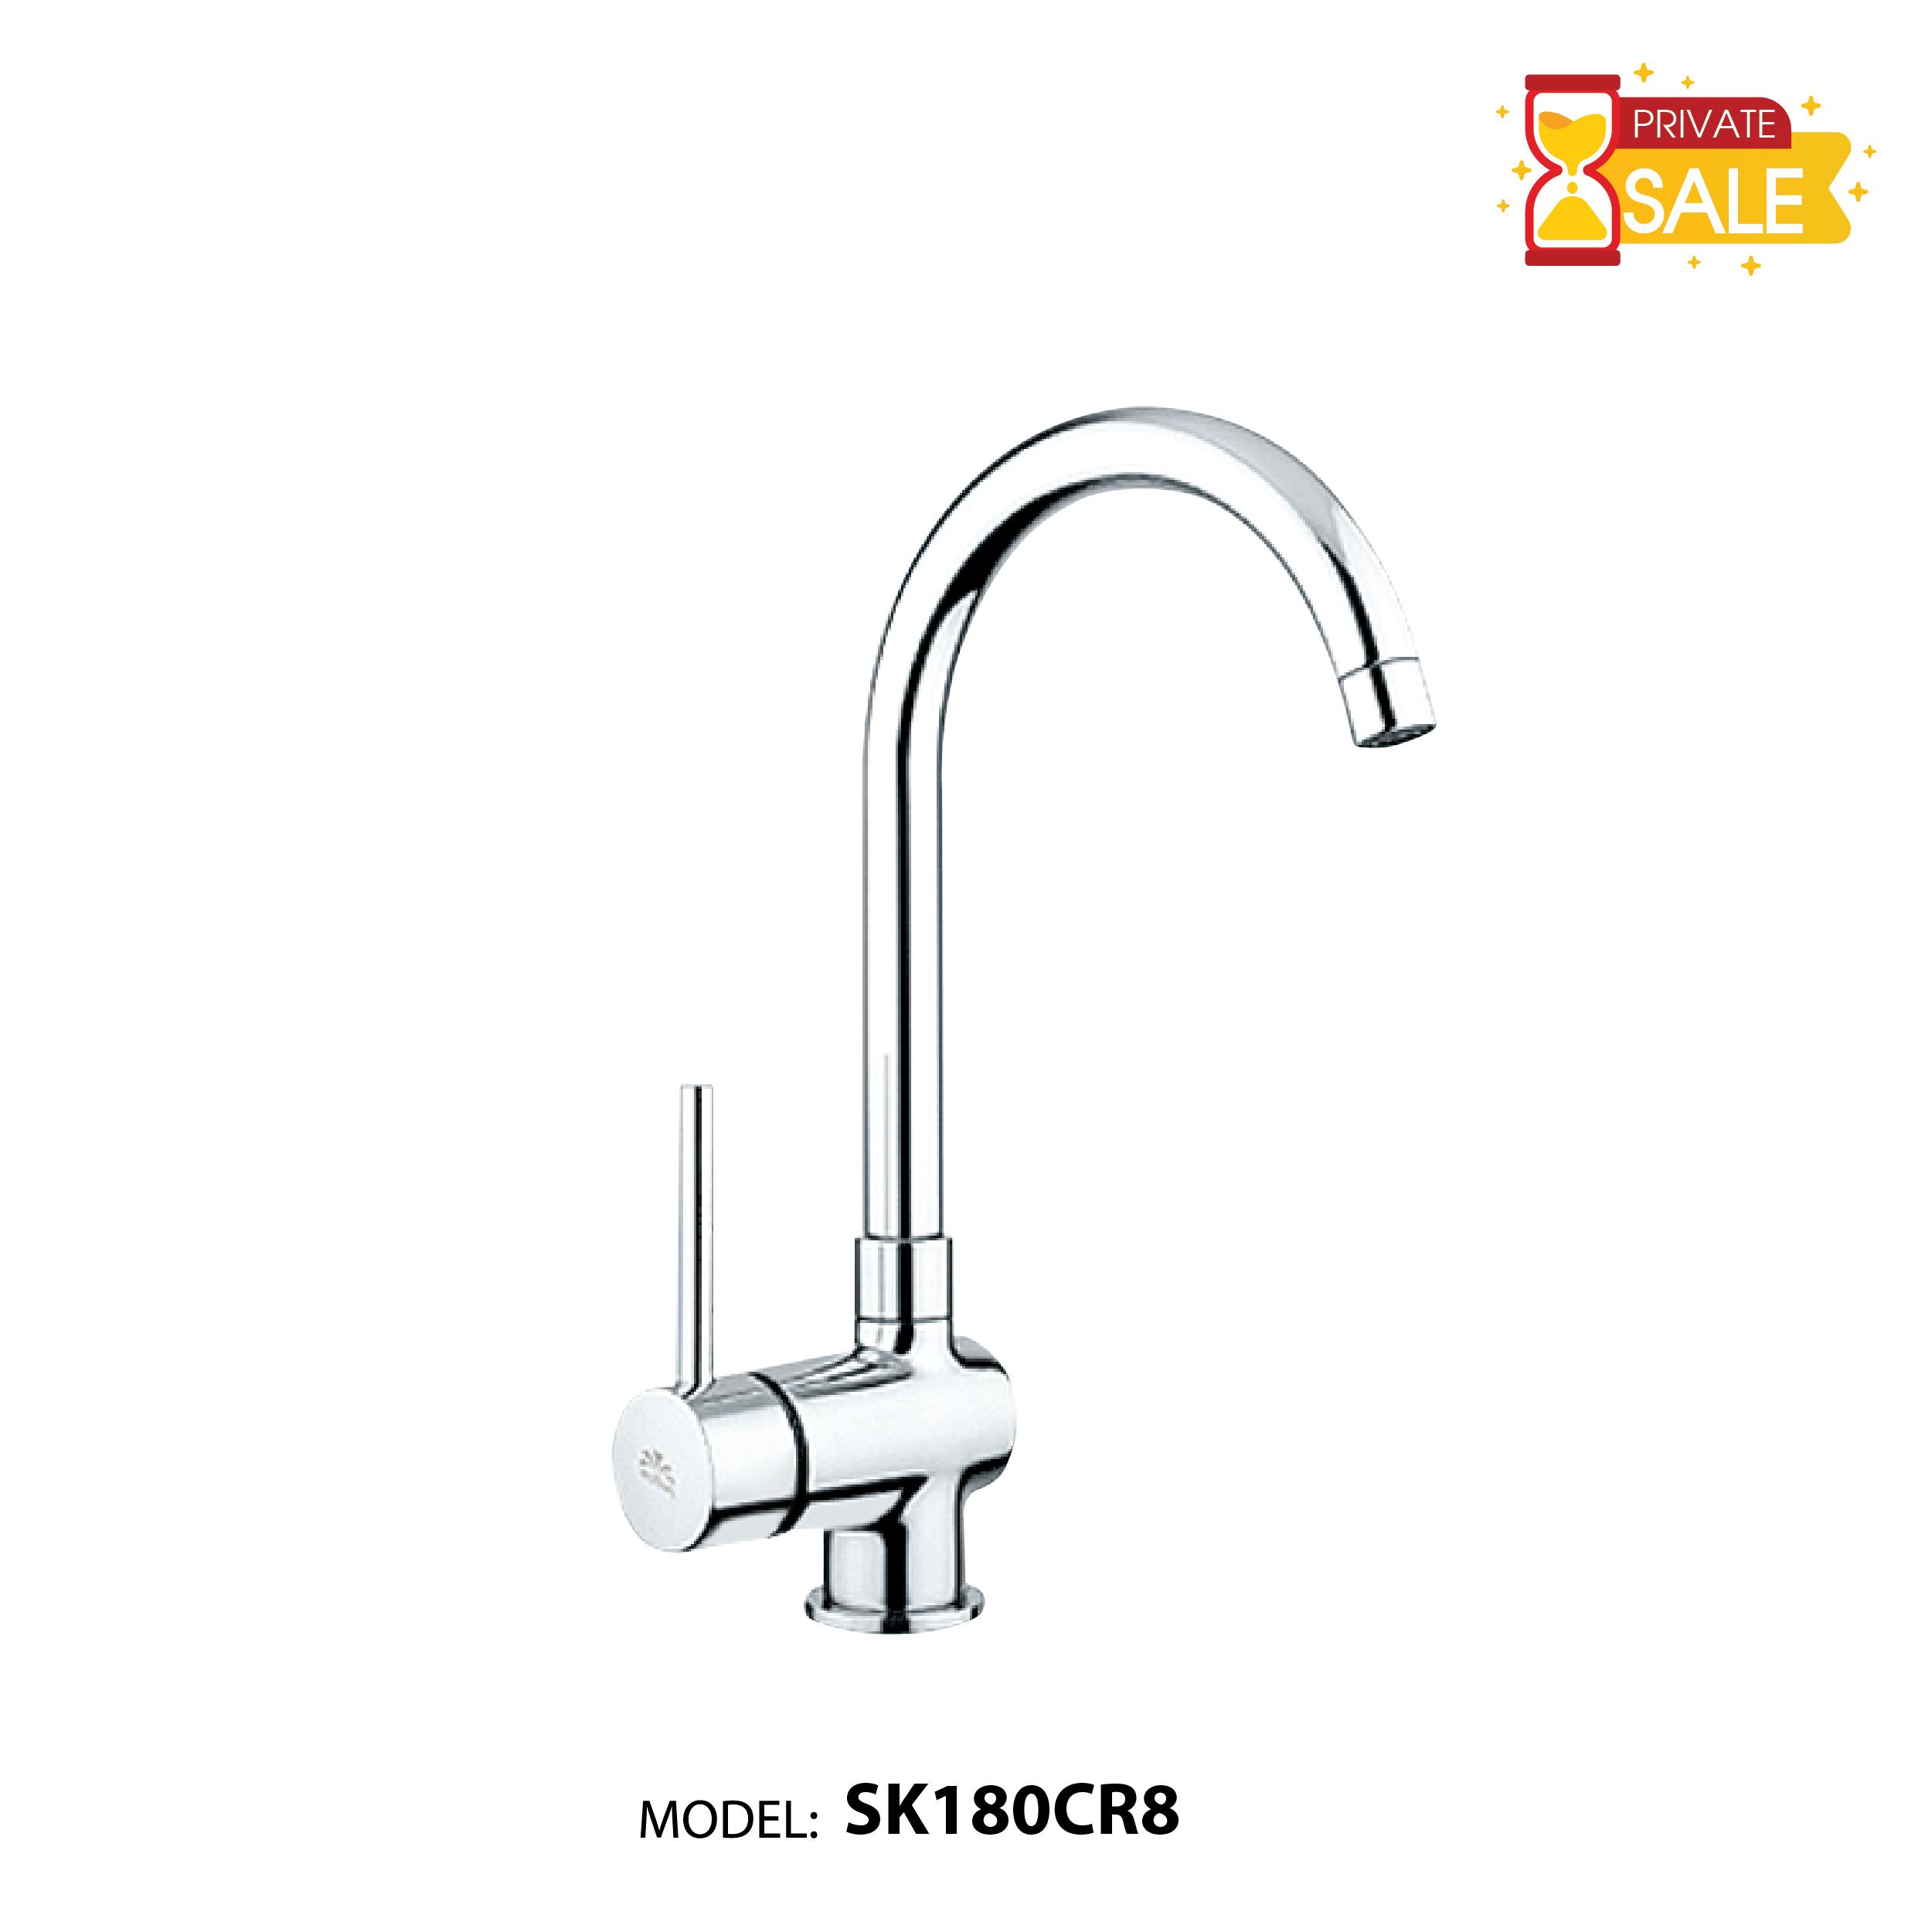 VÒI CHẬU NÓNG LẠNH PAFFONI SK180CR8 (Vòi lavabo model: SK180CR8)